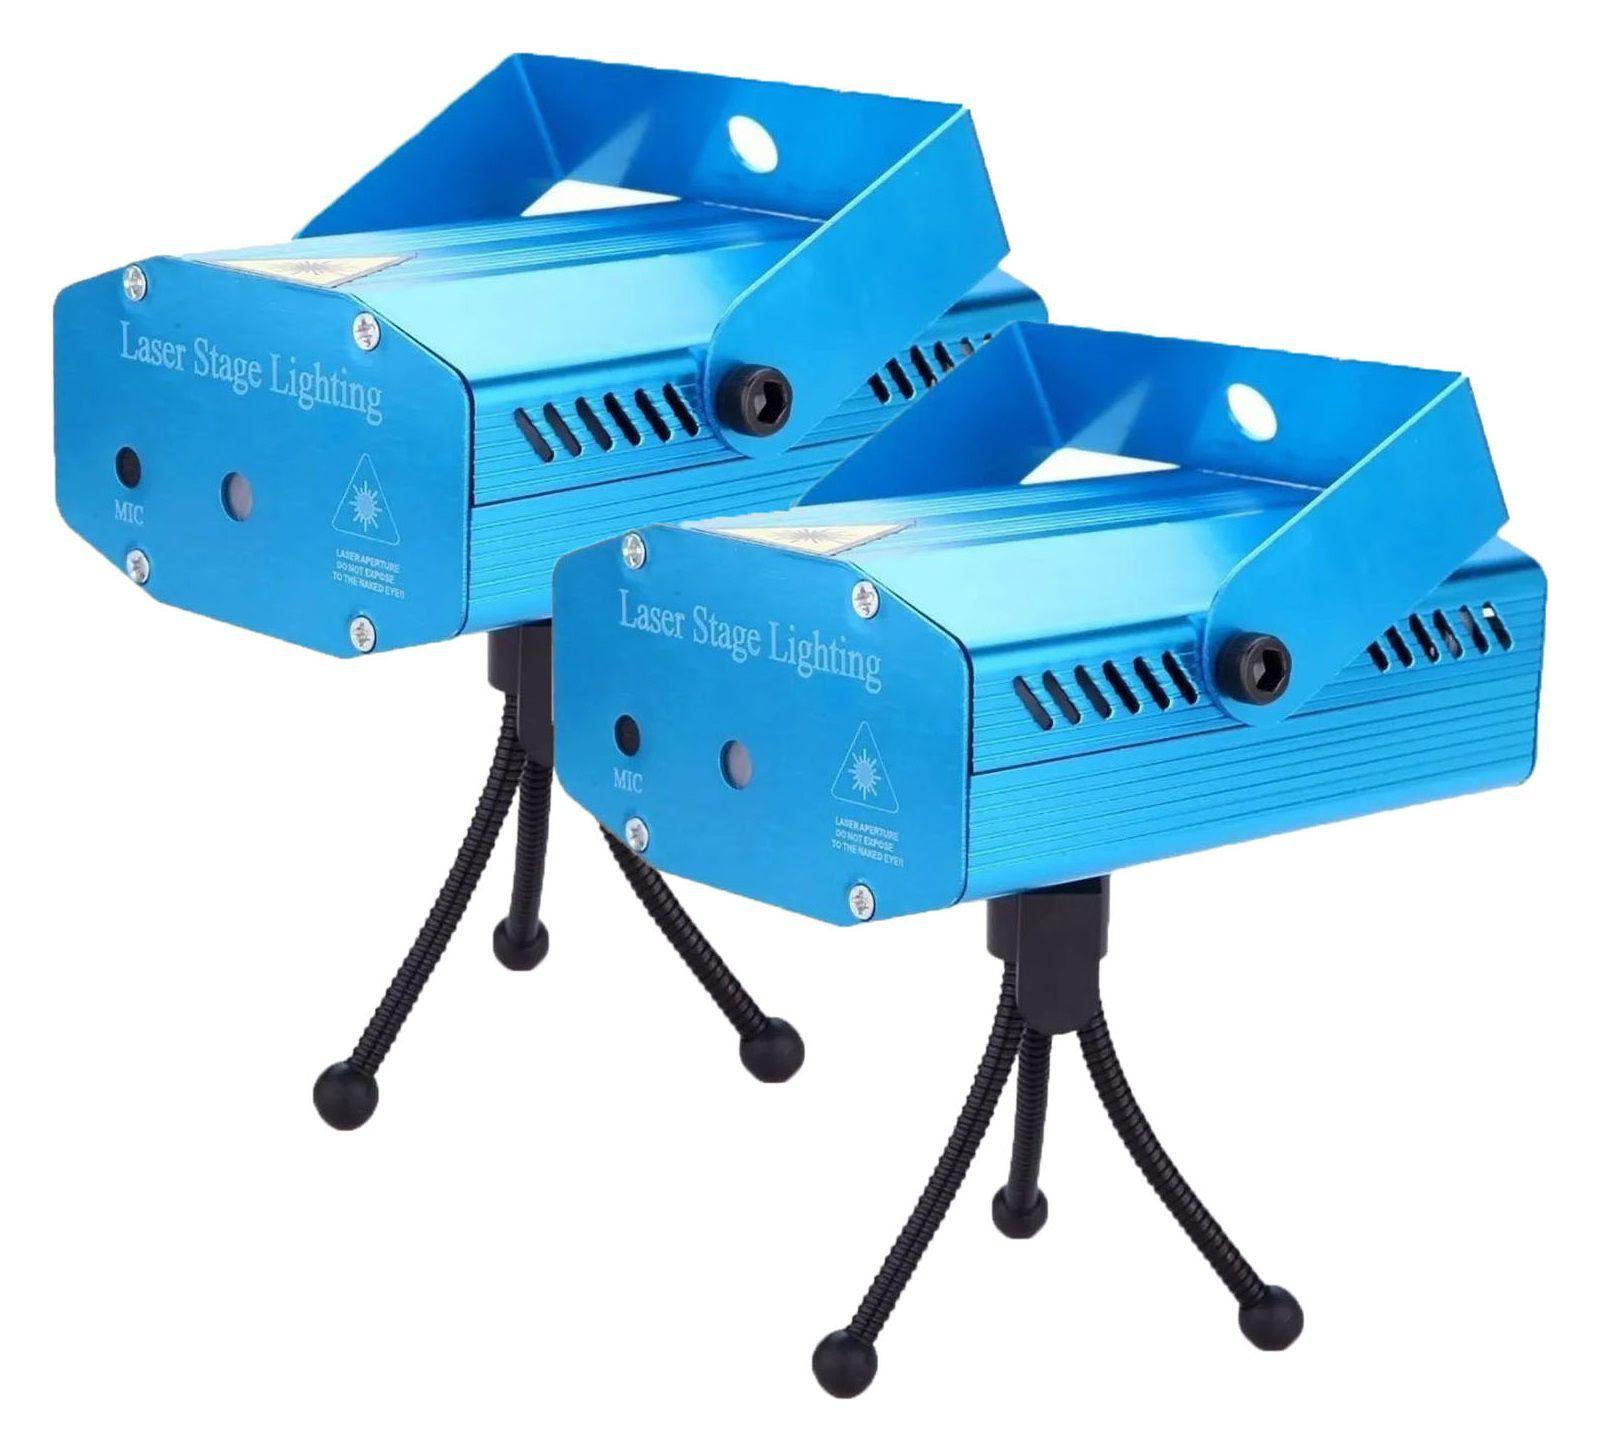 Kit 2 Mini Laser Projetor Holográfico Stage Lighting - SD-09